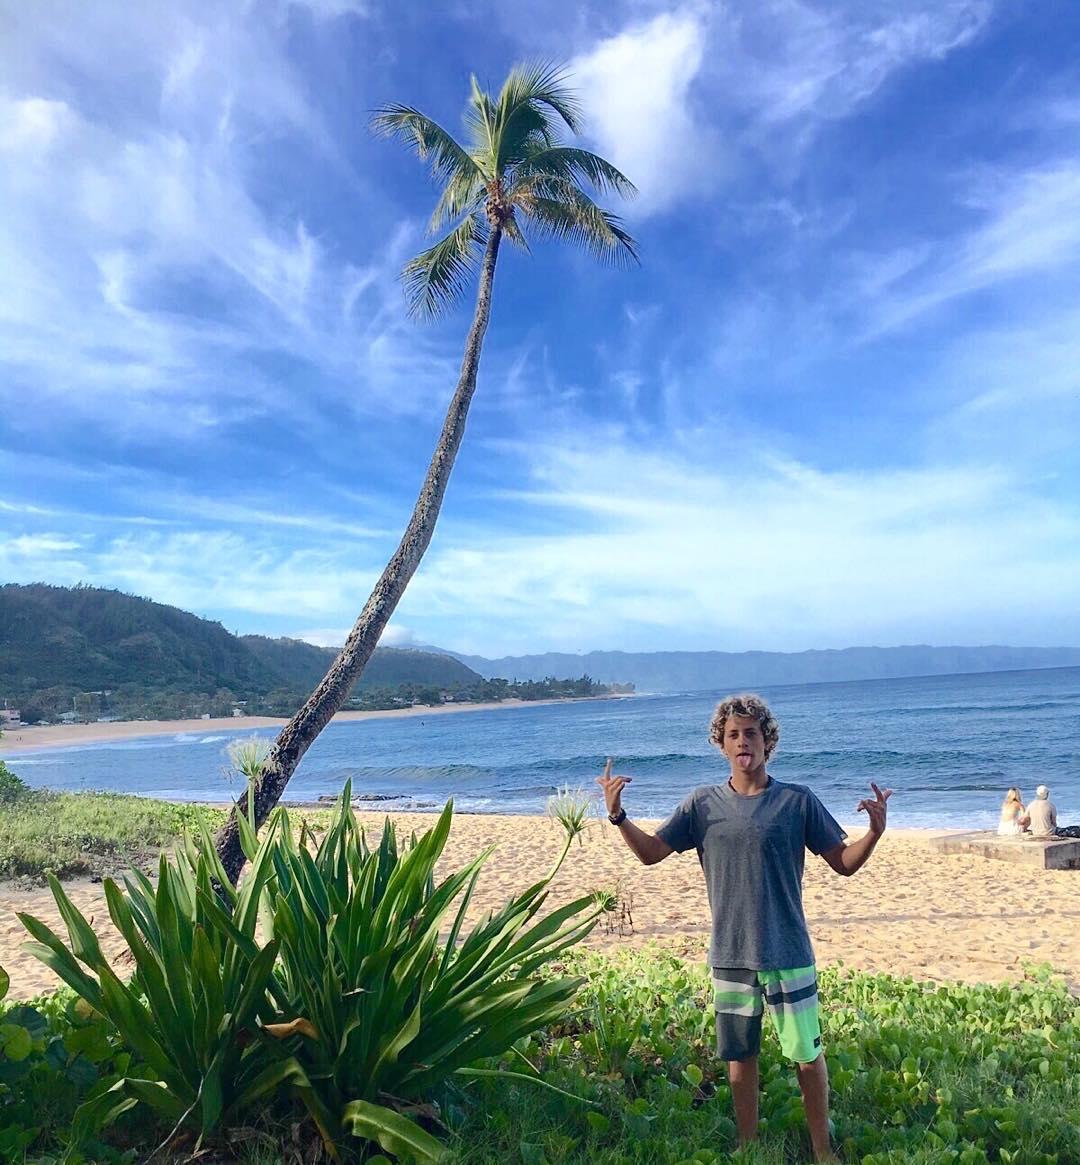 Mientras tanto, en Hawaii, @nachogundesen espera el swell